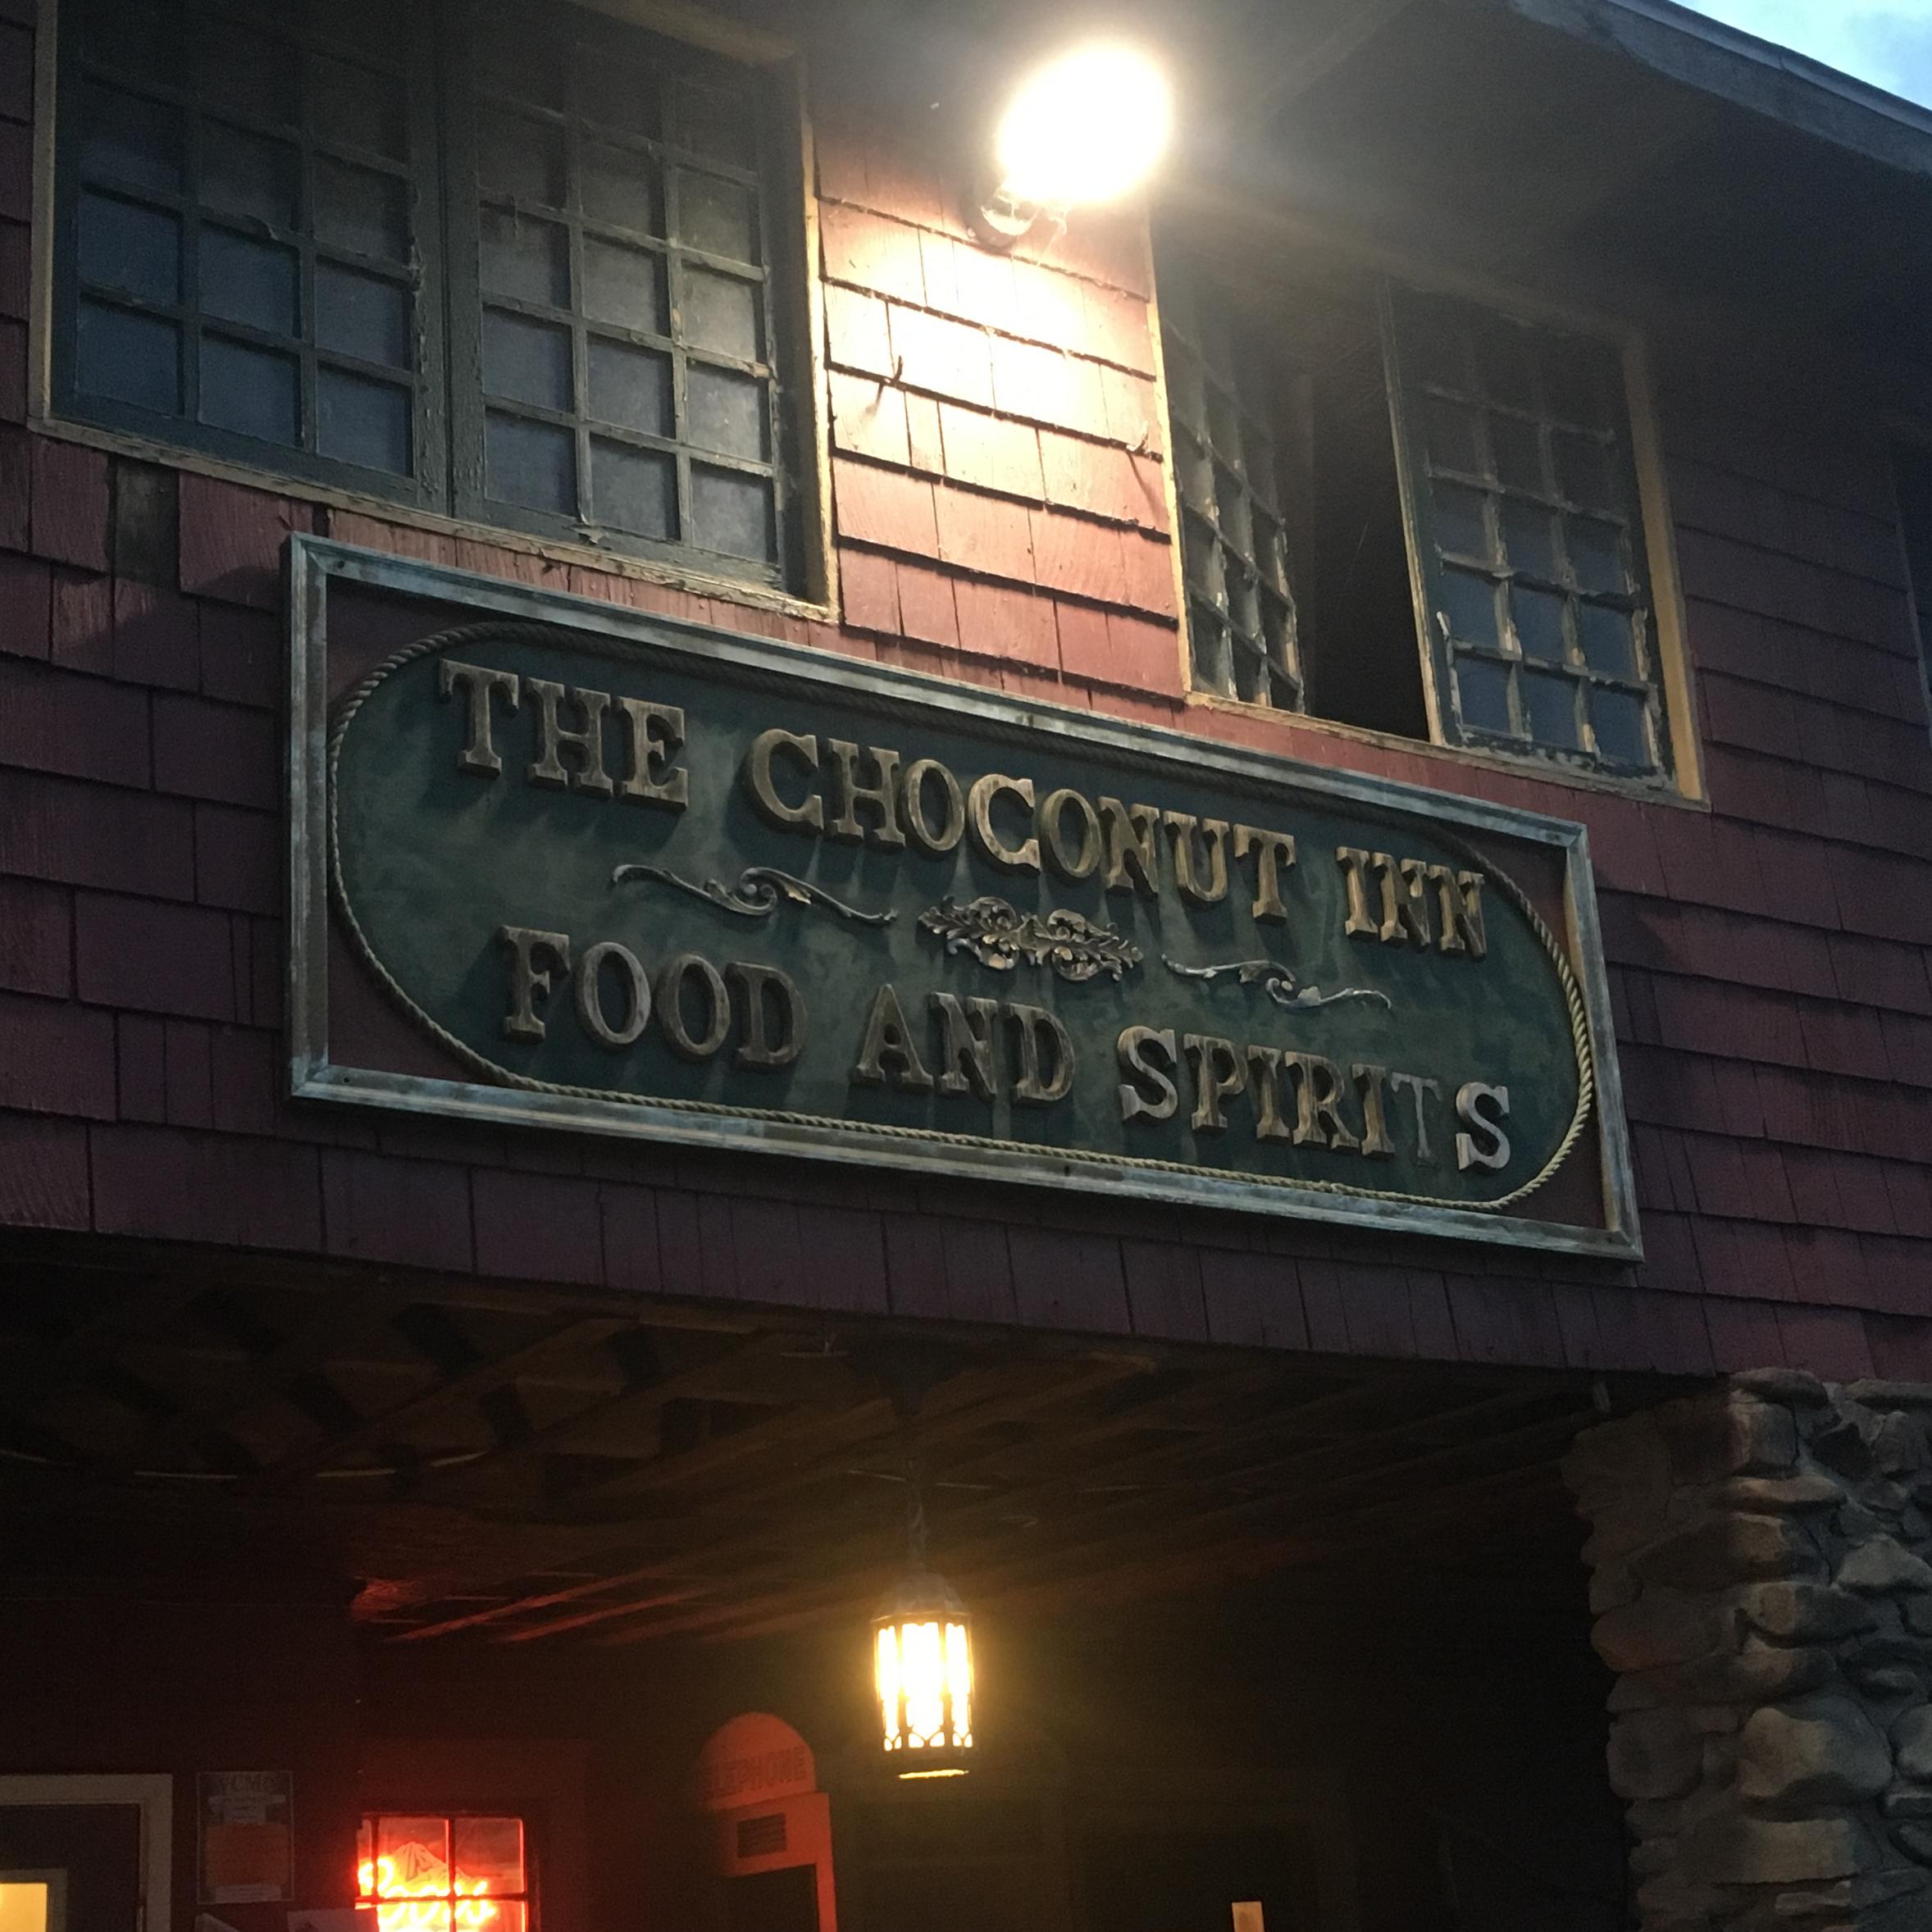 Honker - Choconut Inn - Friendsville, PA - 5/11/2019